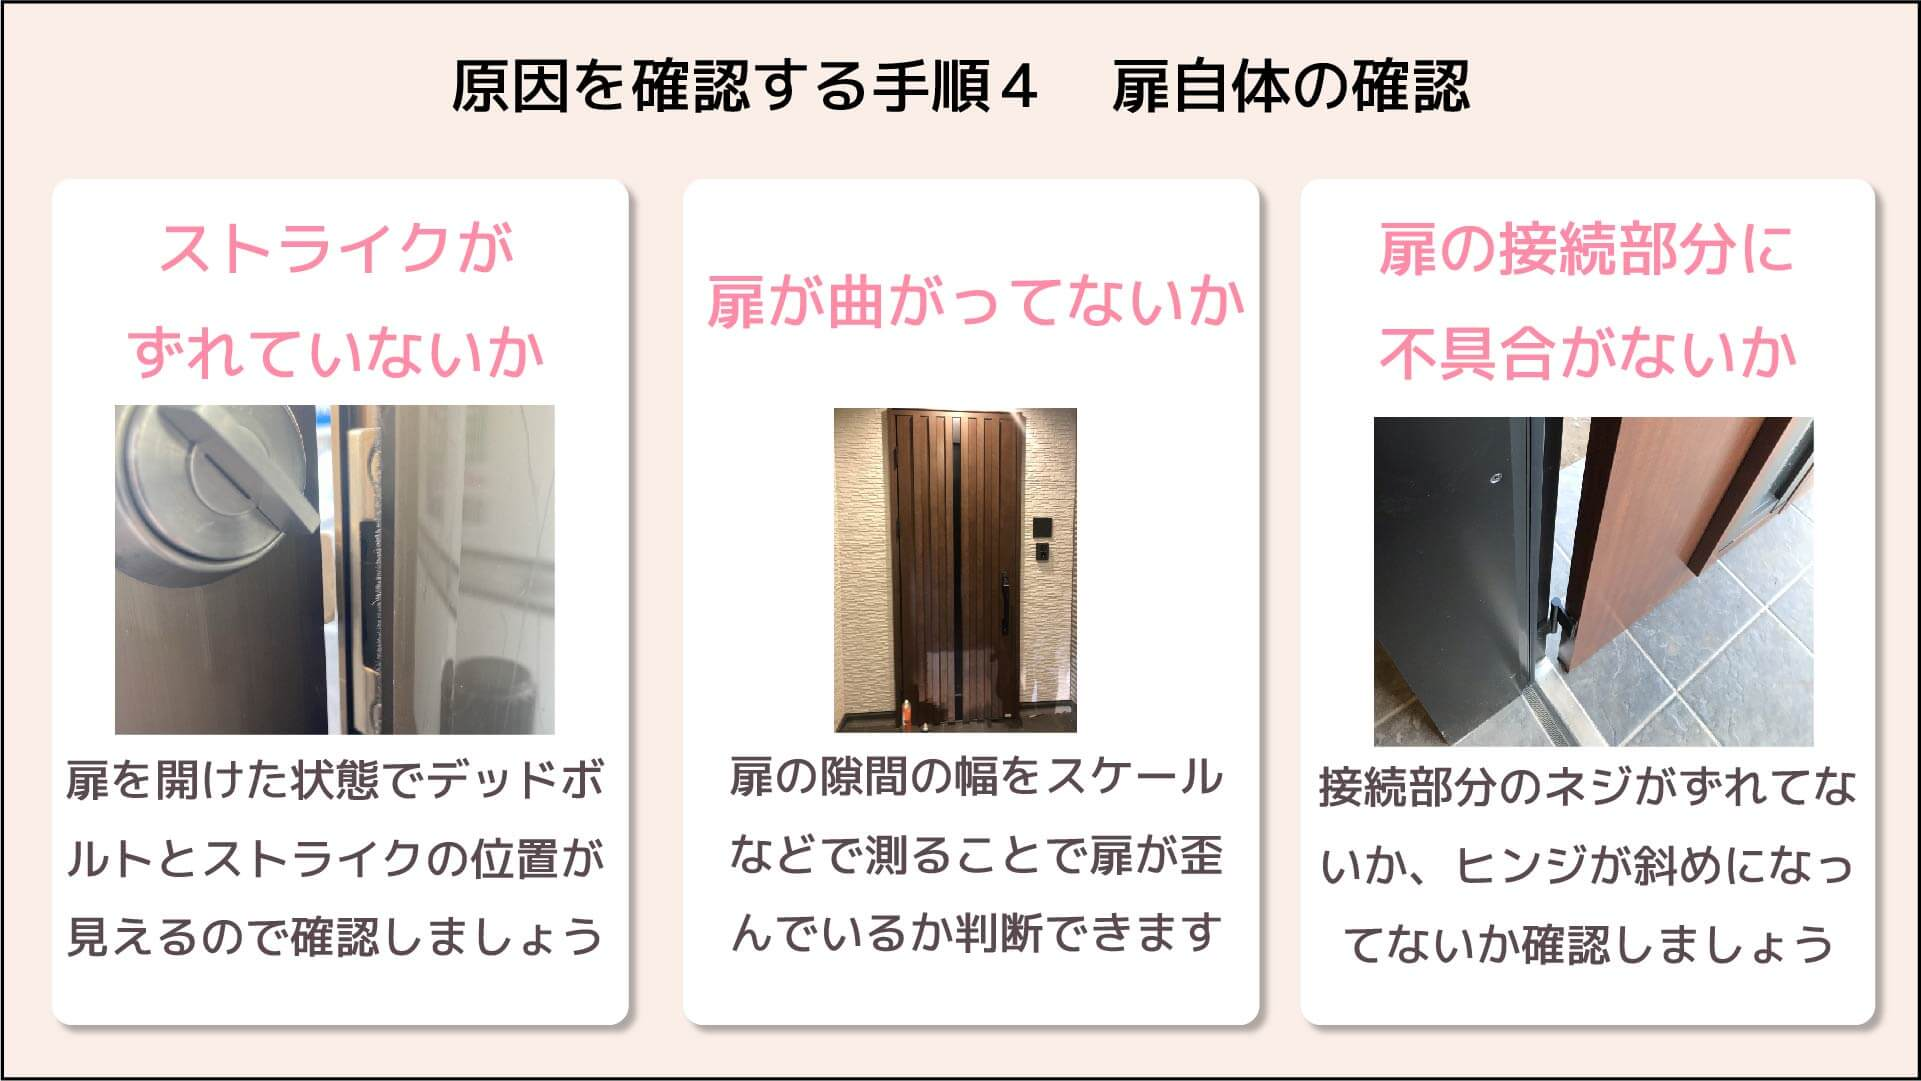 原因を確認する手順4扉自体の確認